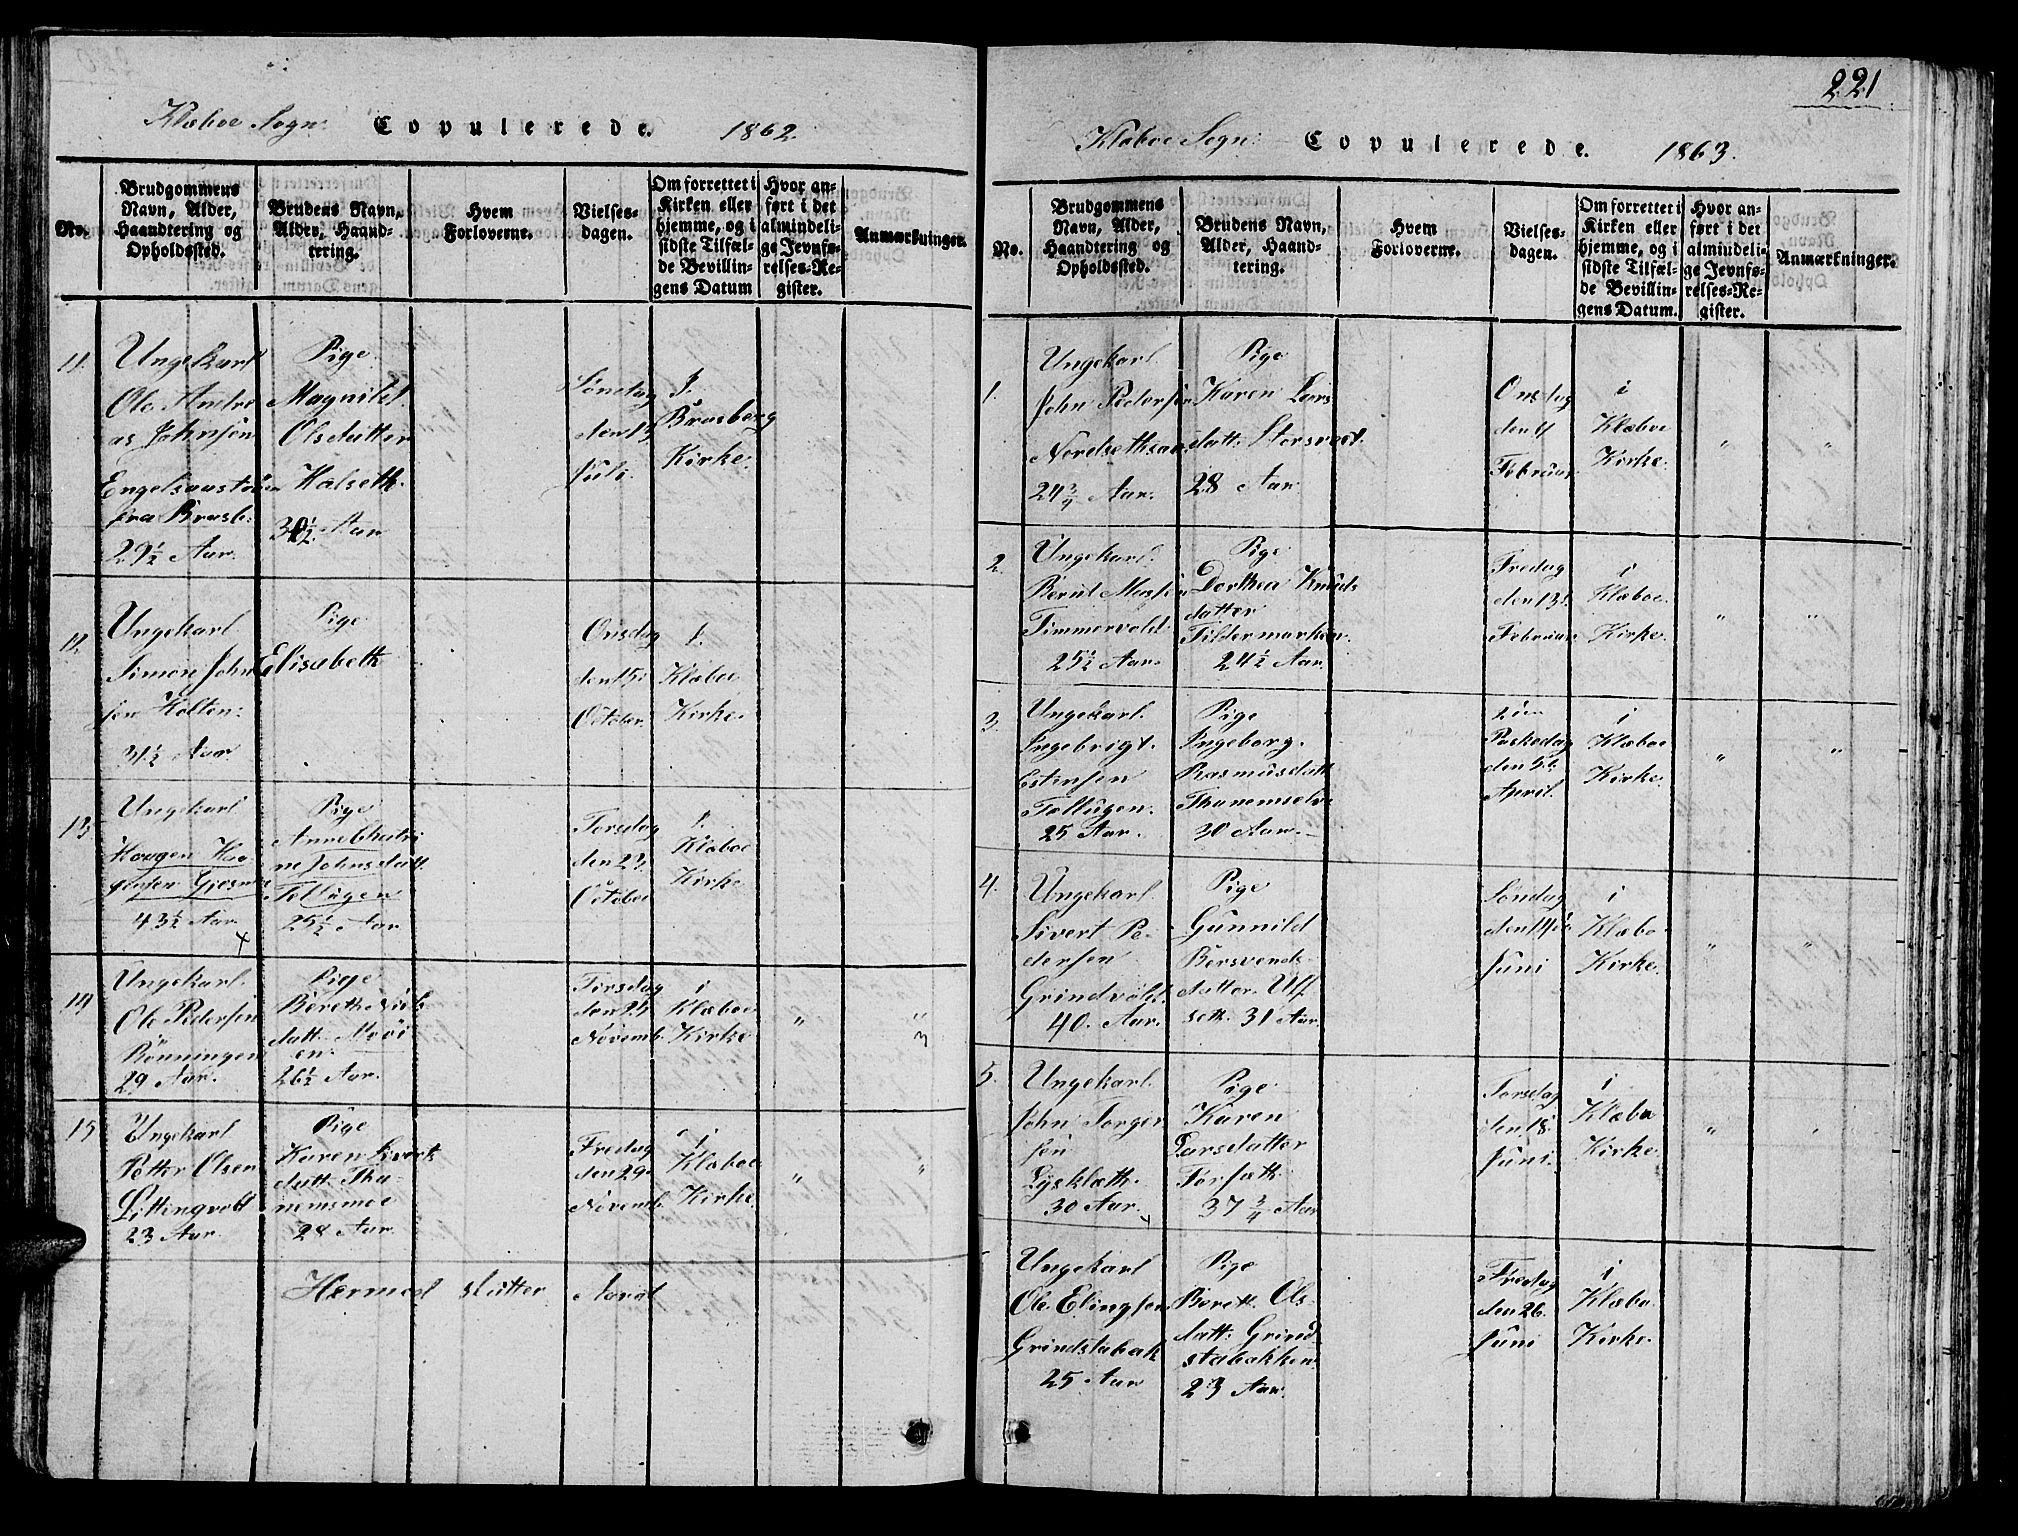 SAT, Ministerialprotokoller, klokkerbøker og fødselsregistre - Sør-Trøndelag, 618/L0450: Klokkerbok nr. 618C01, 1816-1865, s. 221